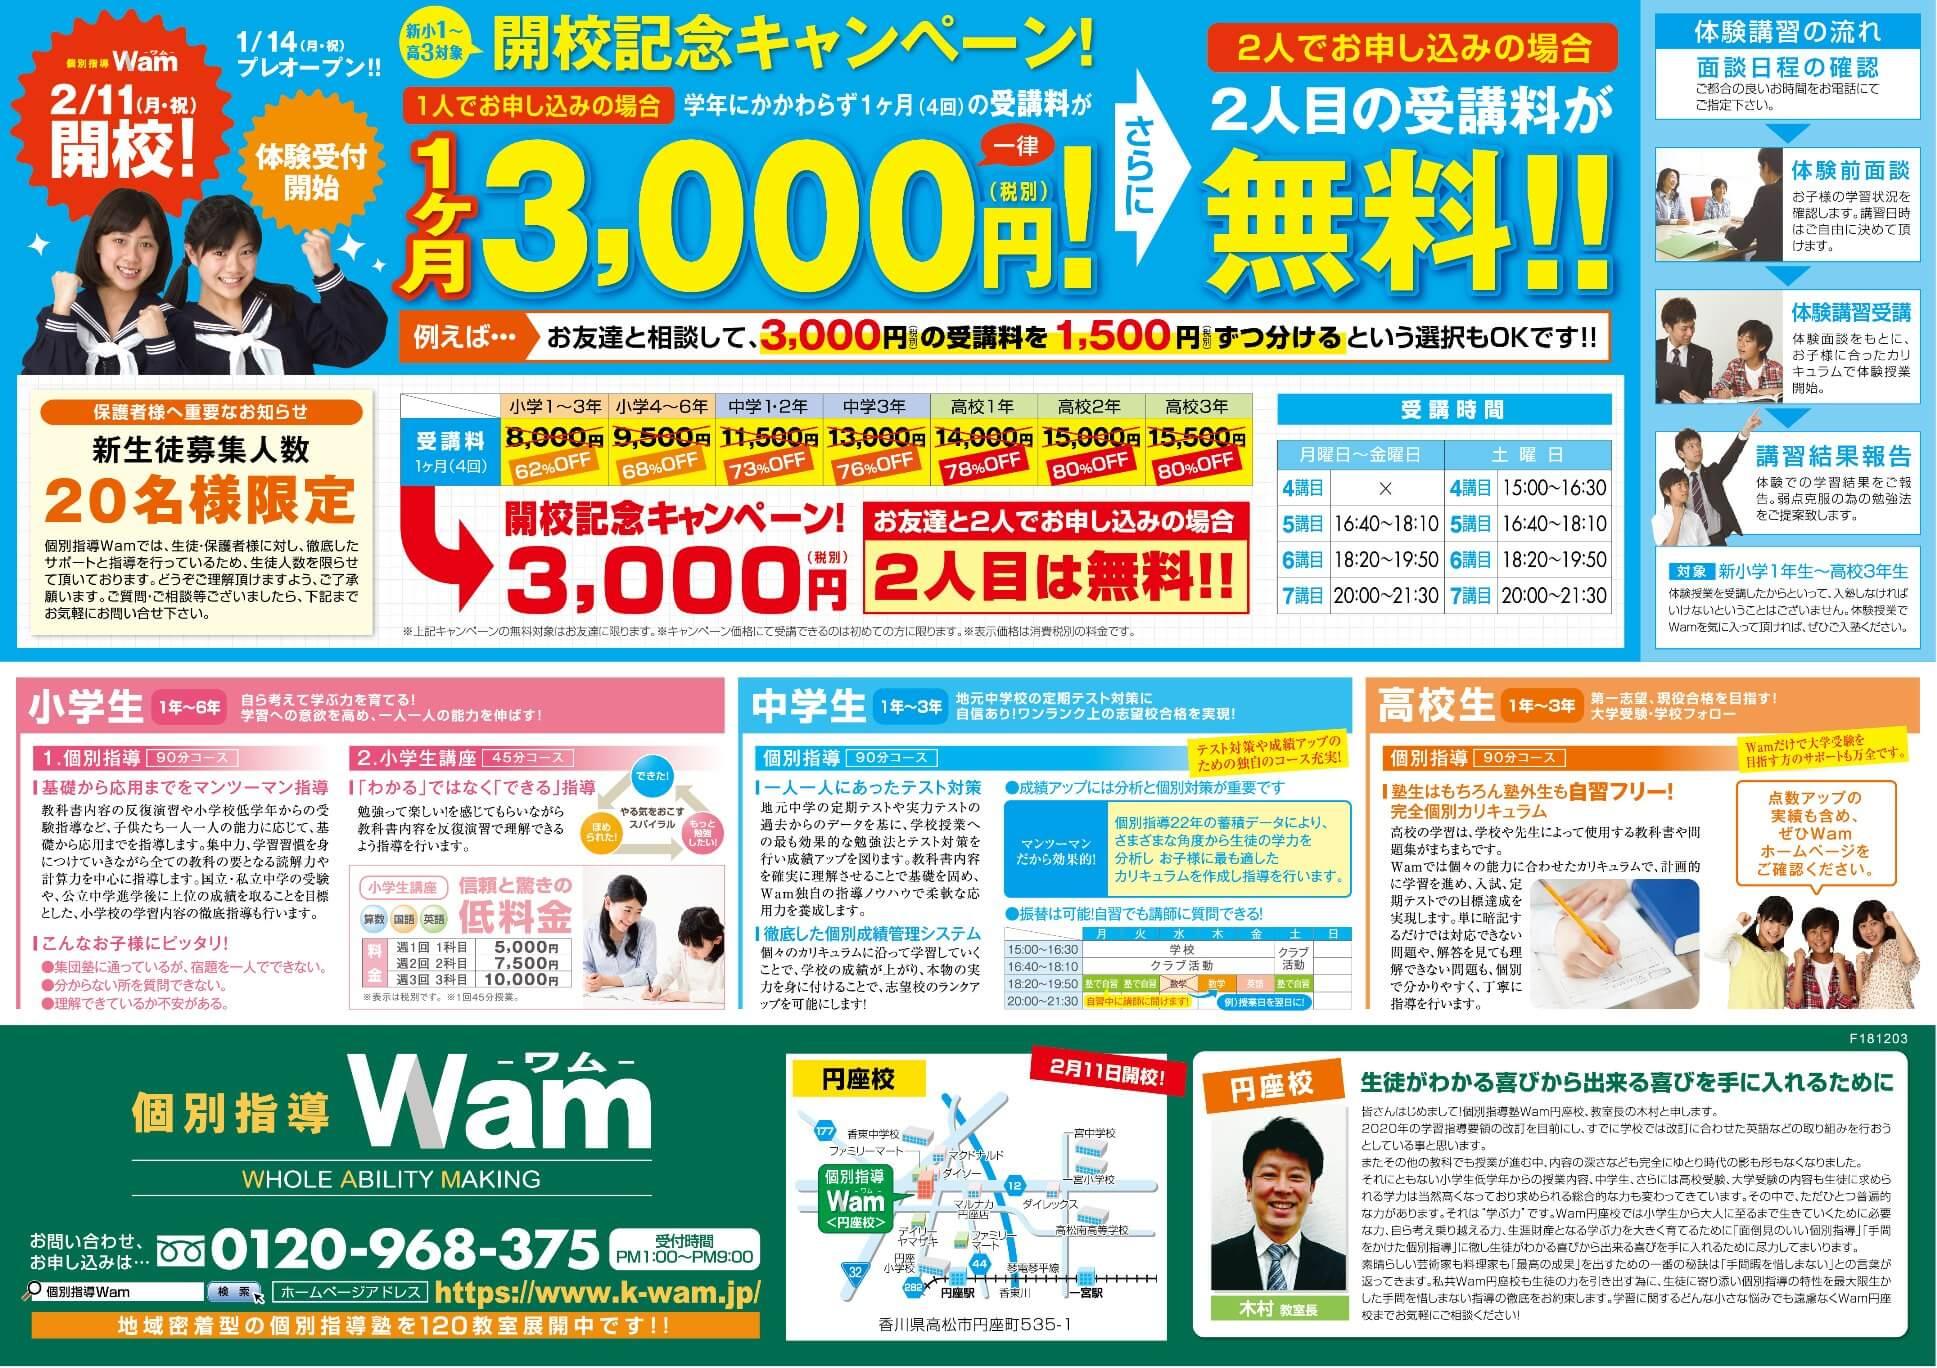 円座校 2019年1月14日(月) プレオープン・ウラ面